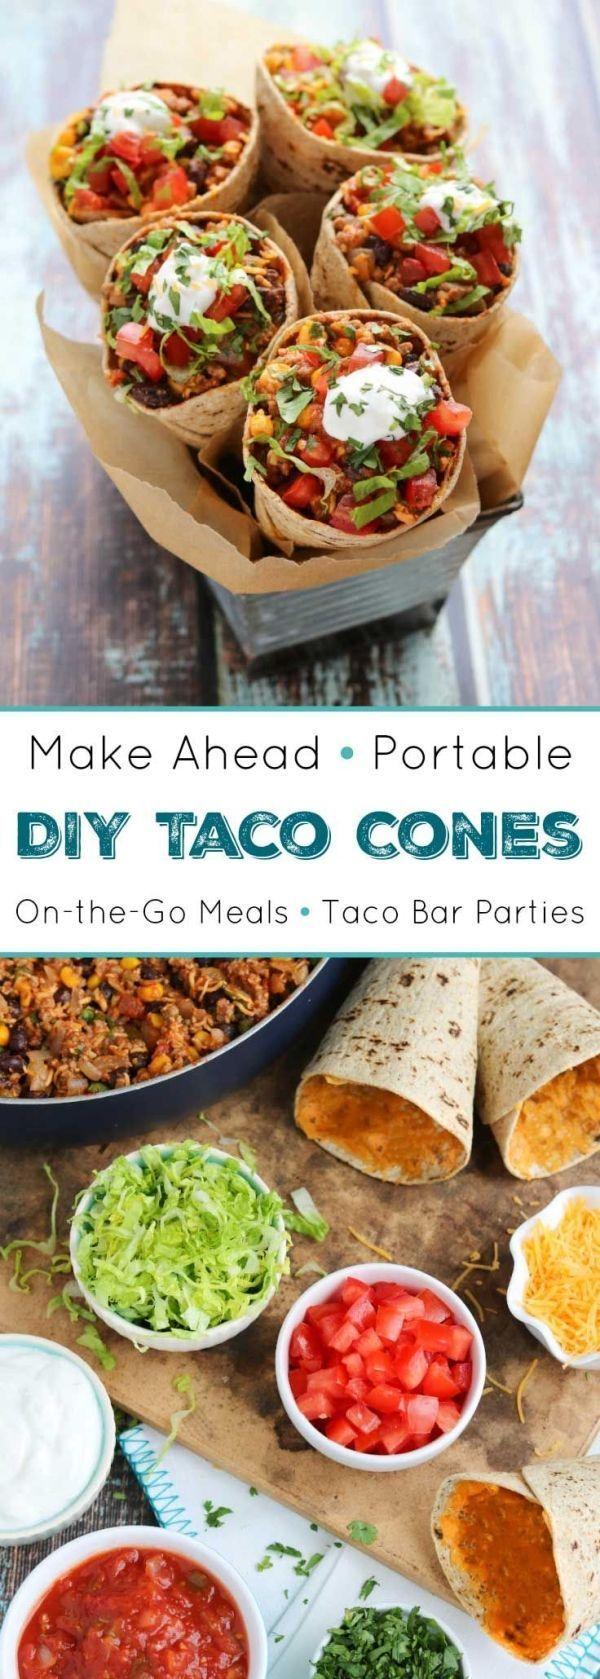 DIY Ta-Cones: Fun, Healthy & Portable Taco Cones - Two Healthy Kitchens